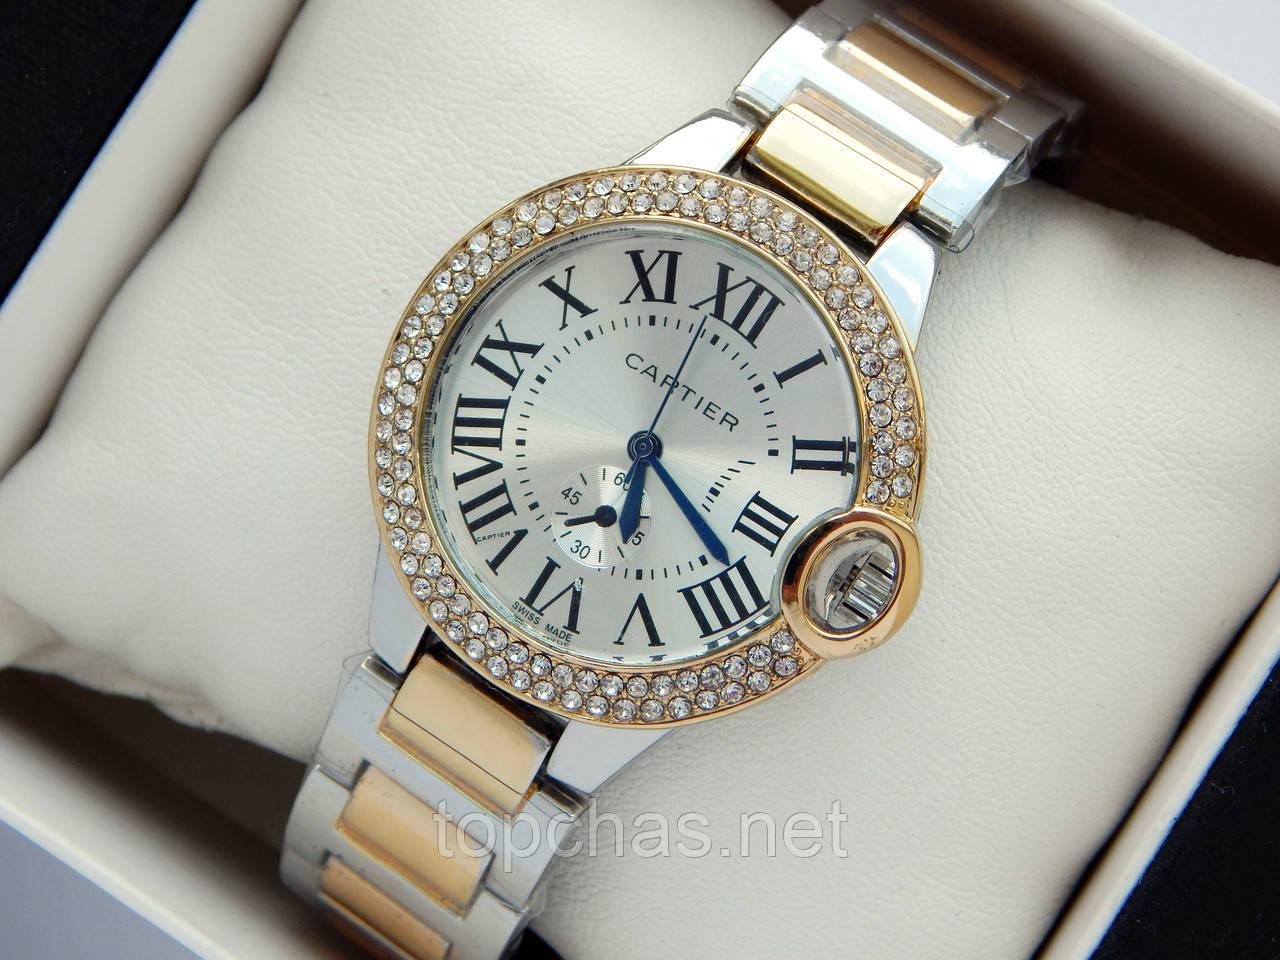 07b7ece2 Женские часы Cartier комбинированные, с синими стрелками, римские цифры,  два ряда страз